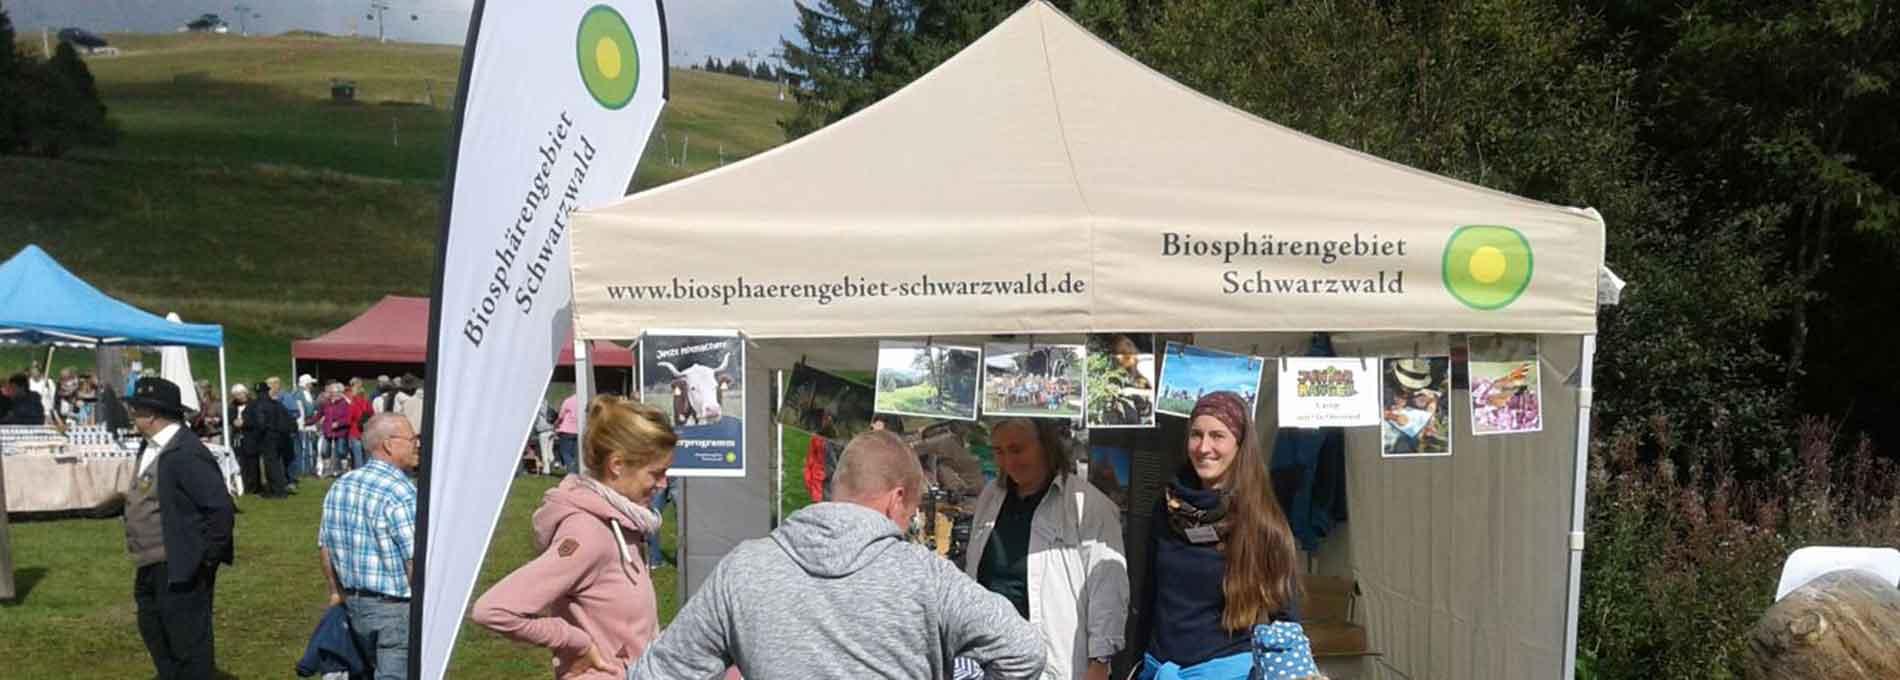 Beiges Faltzelt für das Biosphärengebiet Schwarzwald auf einer Infoveranstaltung im Freien.